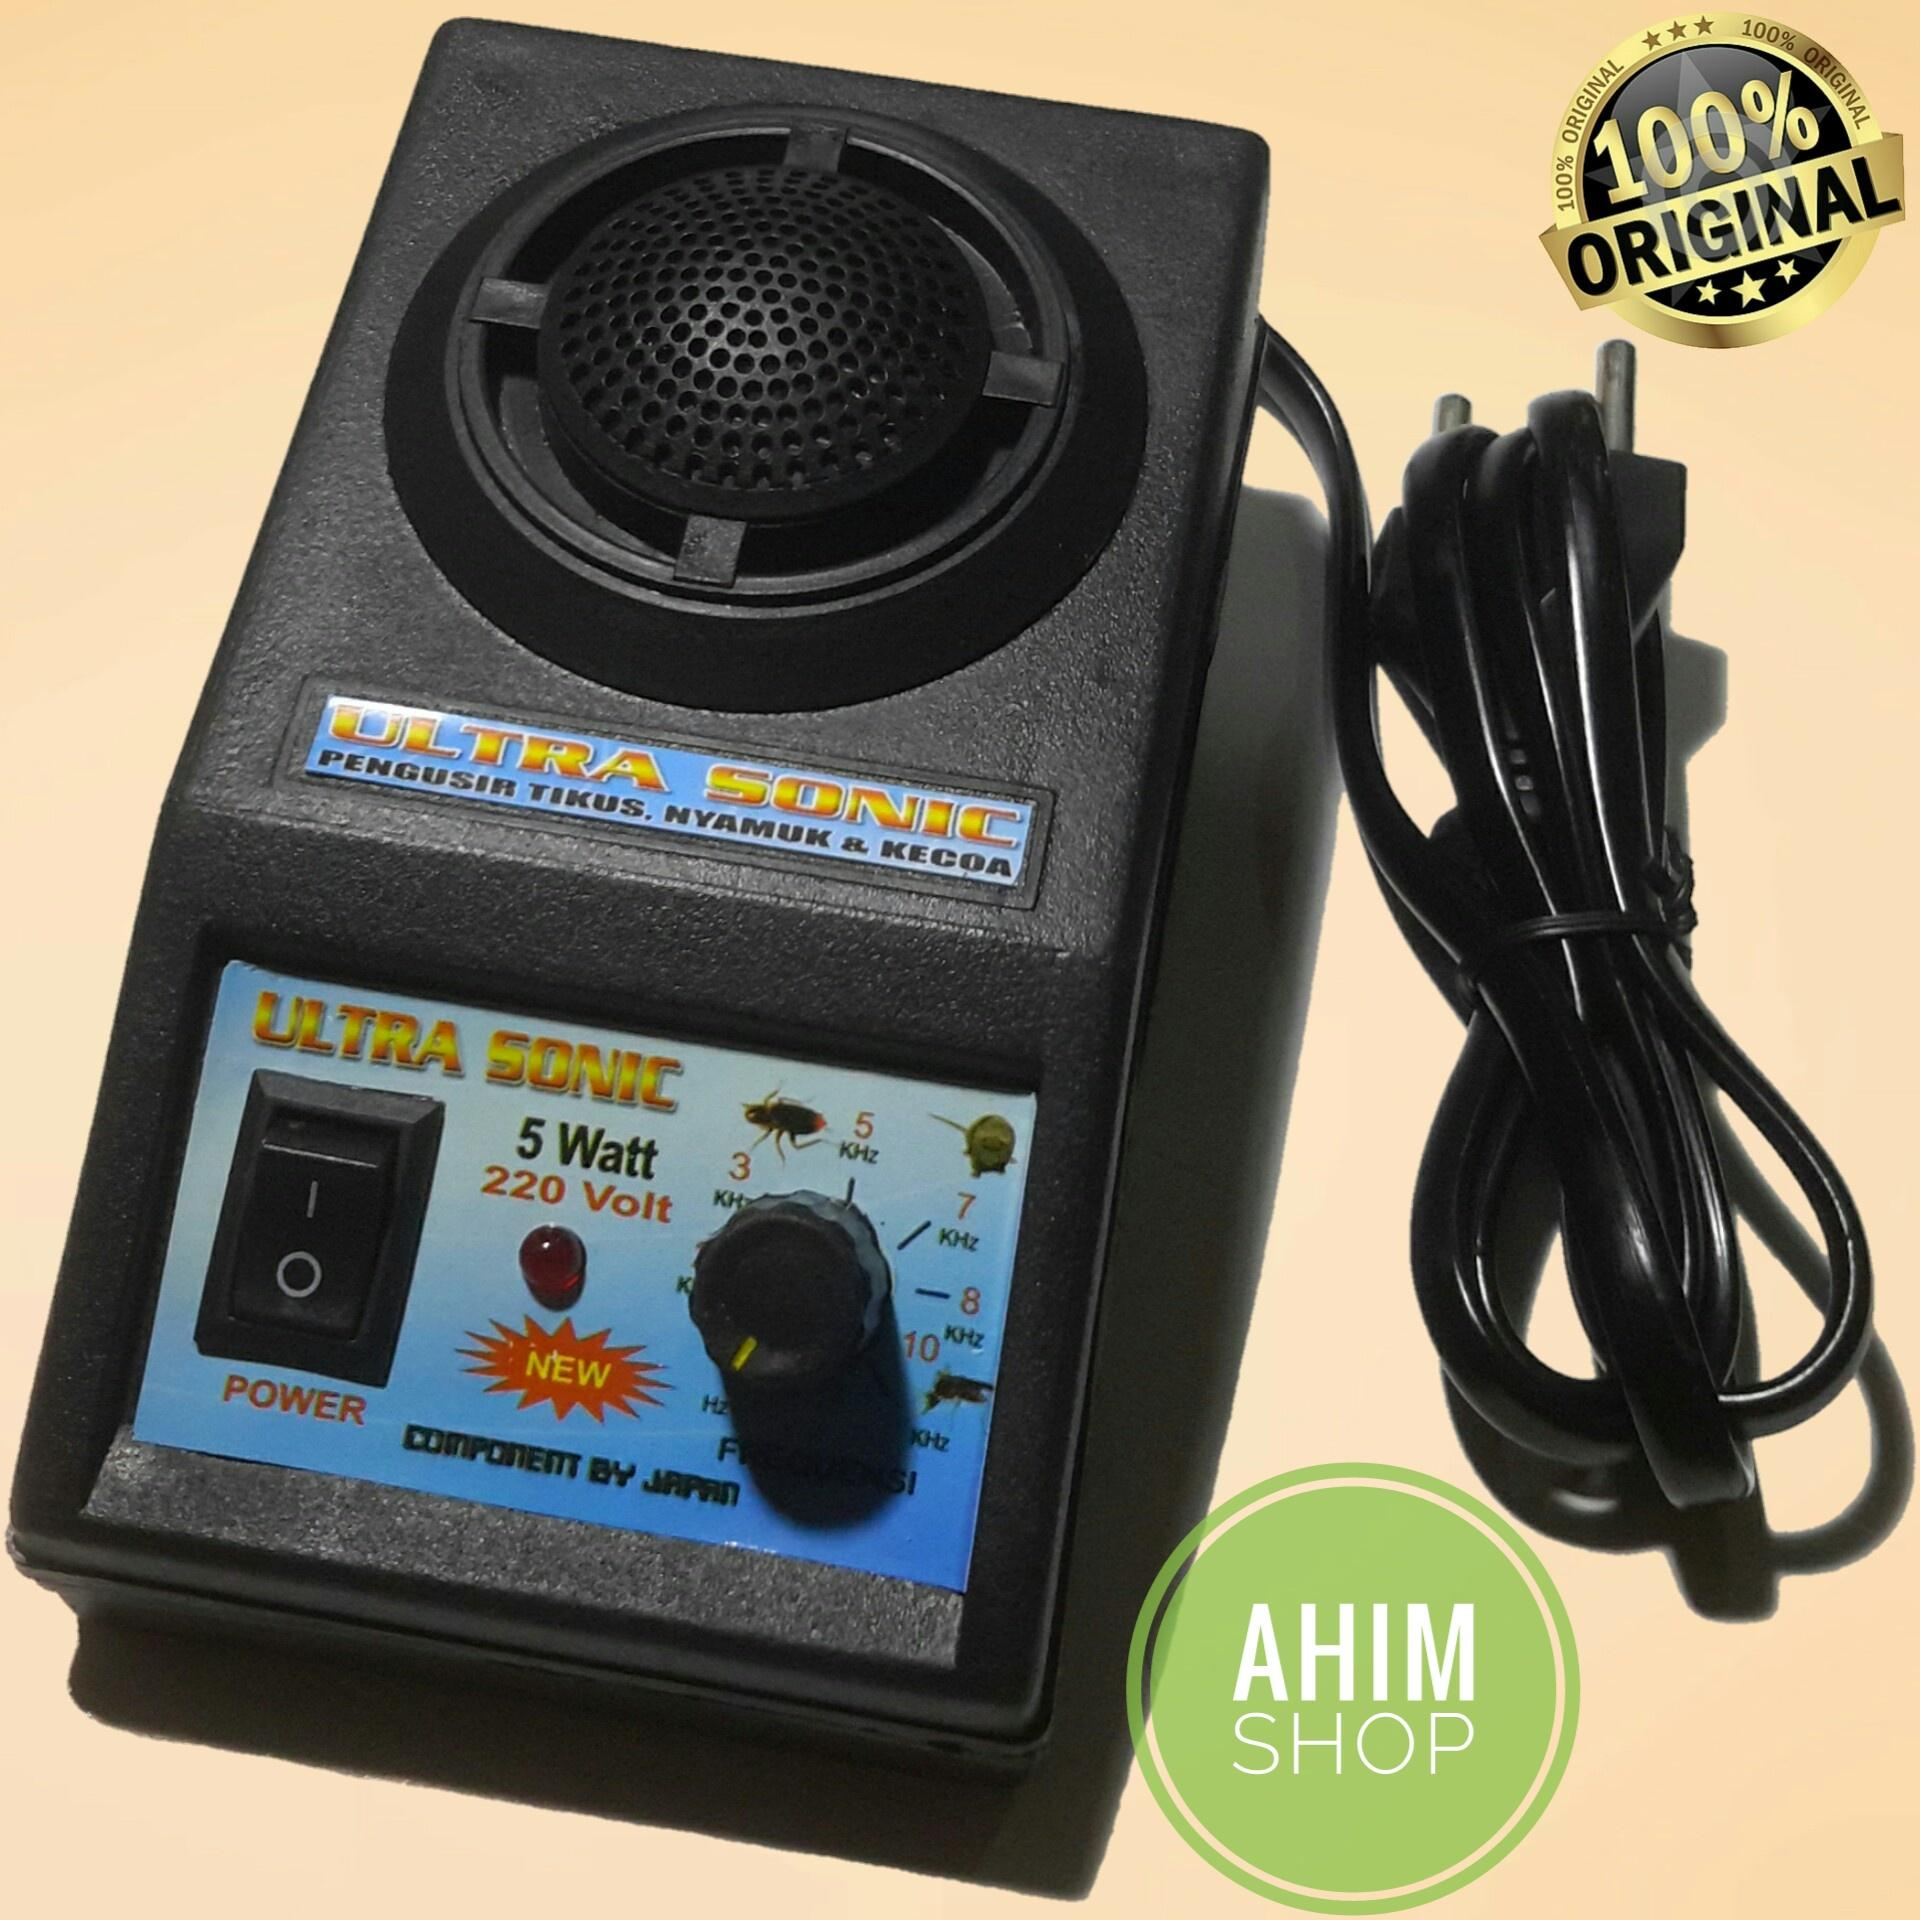 Ultrasonic Pengusir Tikus Kecoa Nyamuk Lalat Serangga Ultra Sonic Pest Repellent 10 Khz 5 Watt Ahim Shop By Ahim Shop.